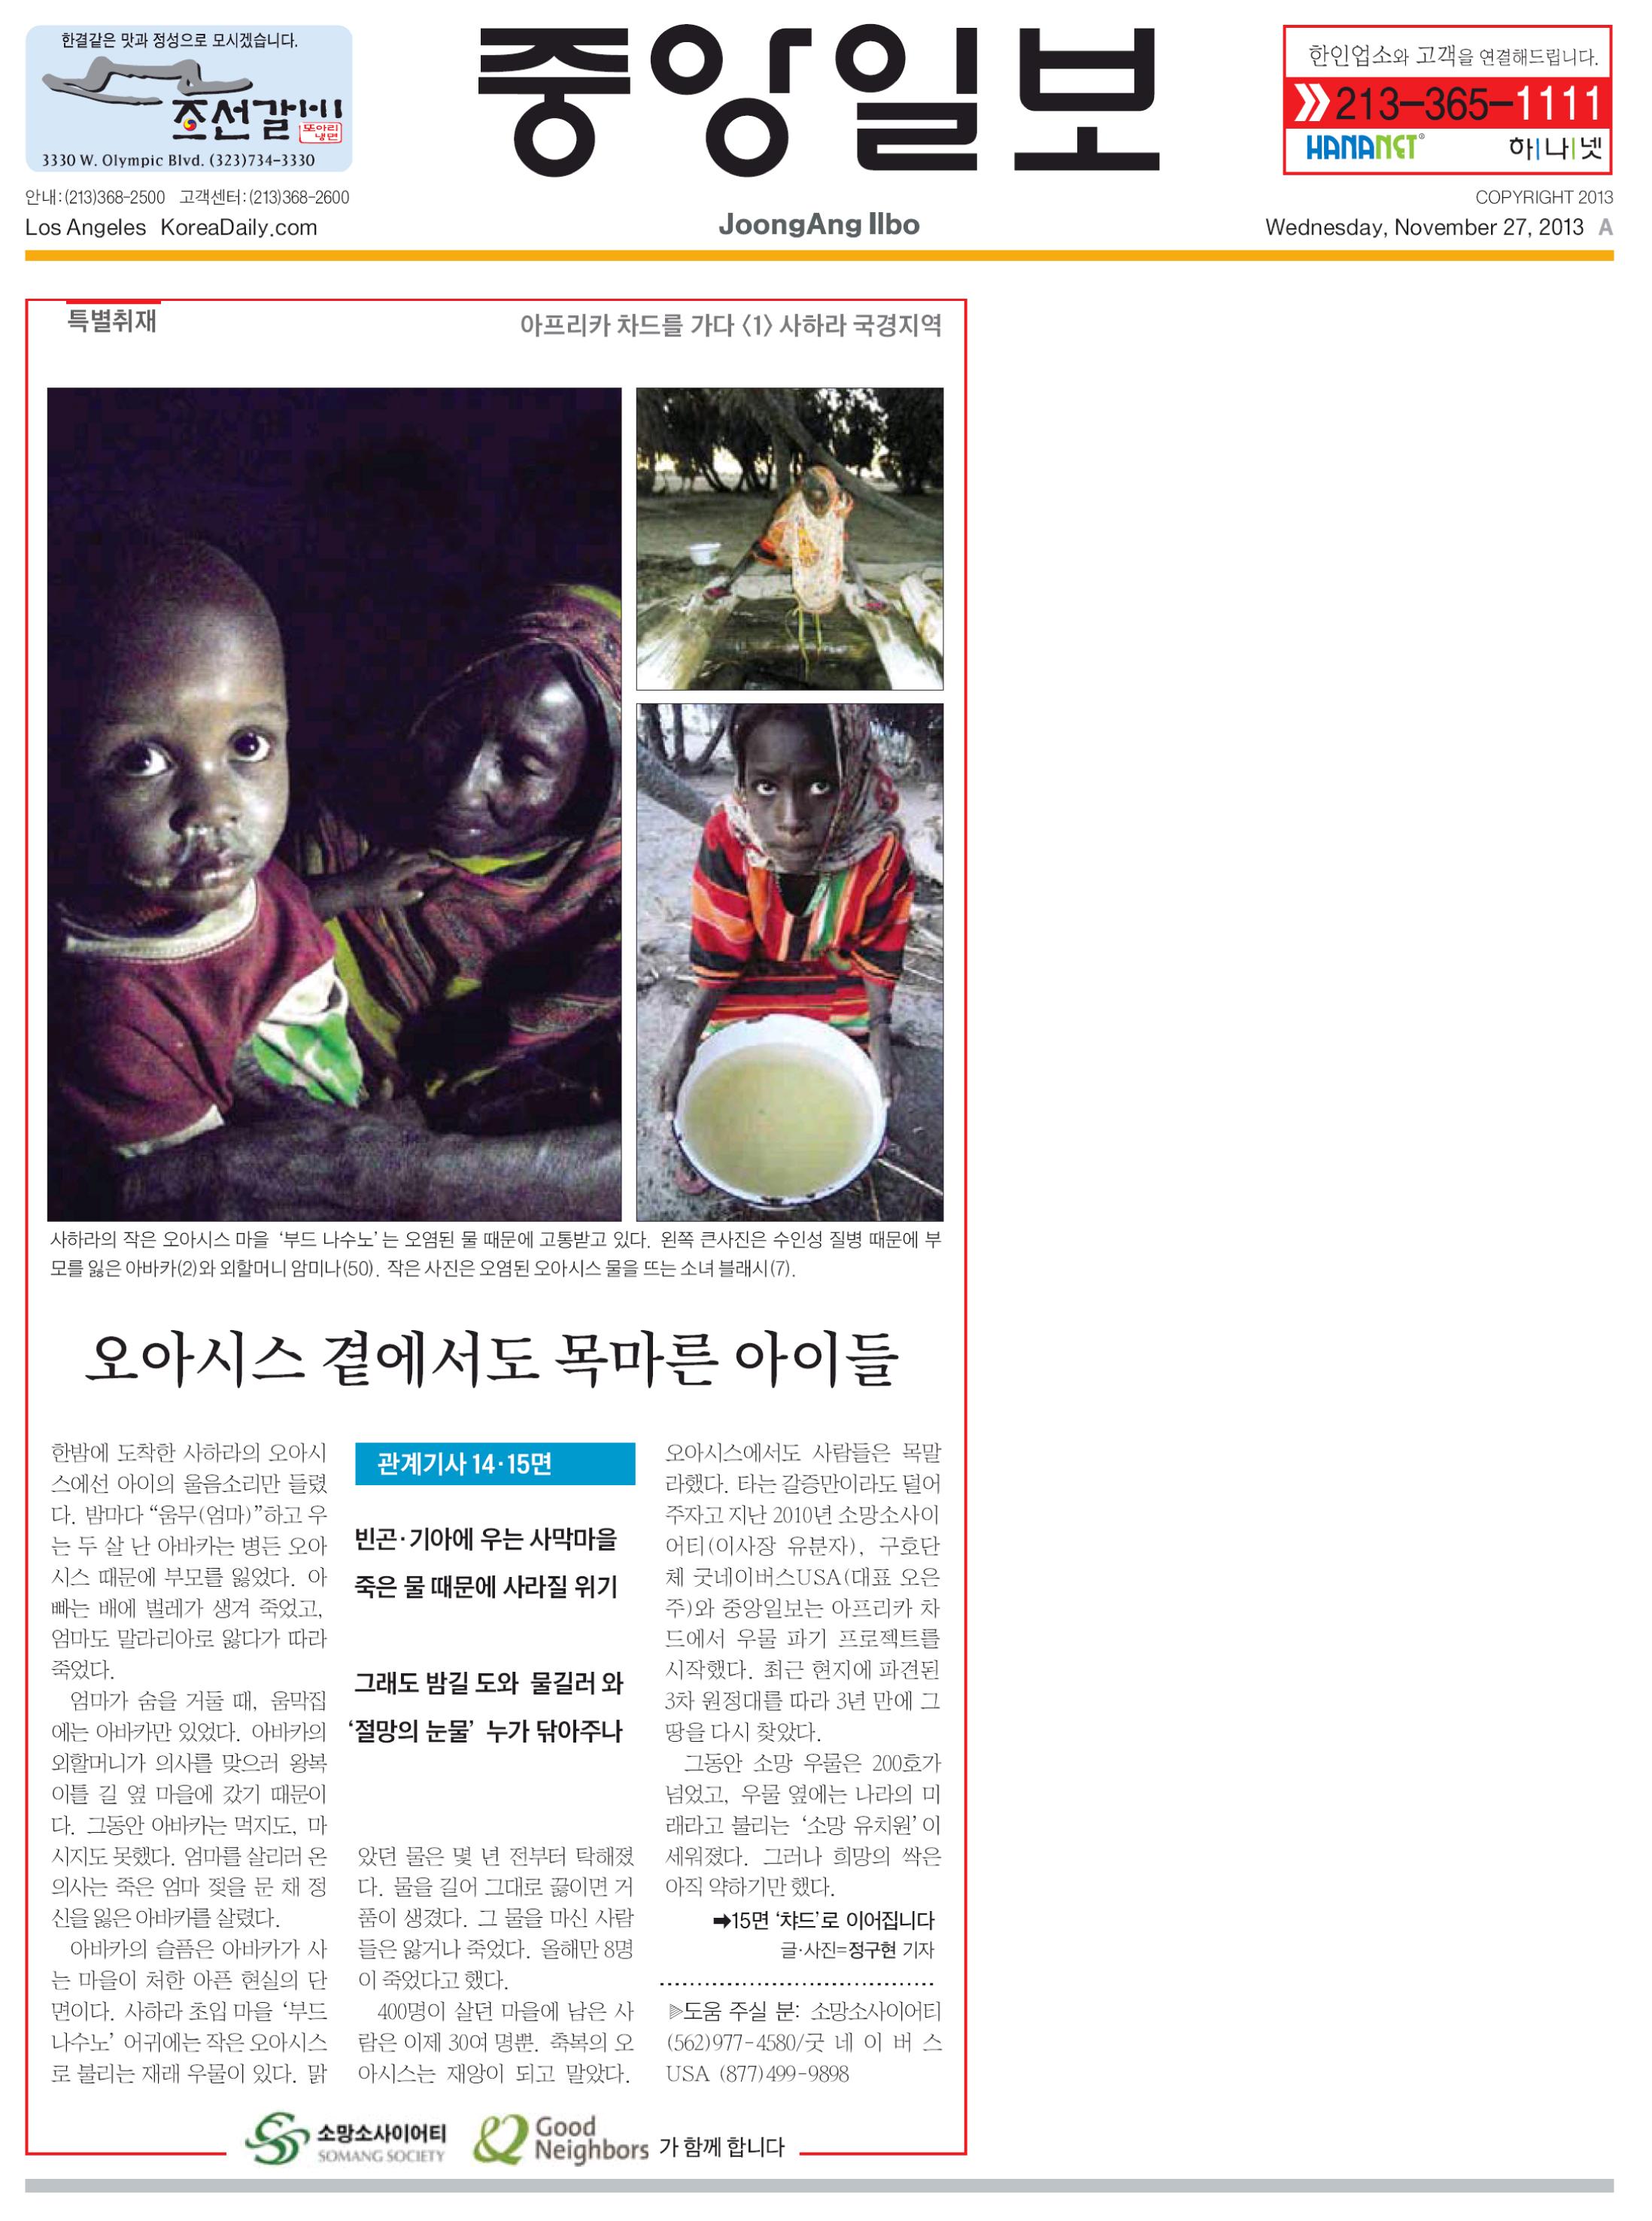 [특별취재] 아프리카 차드를 가다 / 사하라 국격지역 2013년 11월 27일 중앙일보